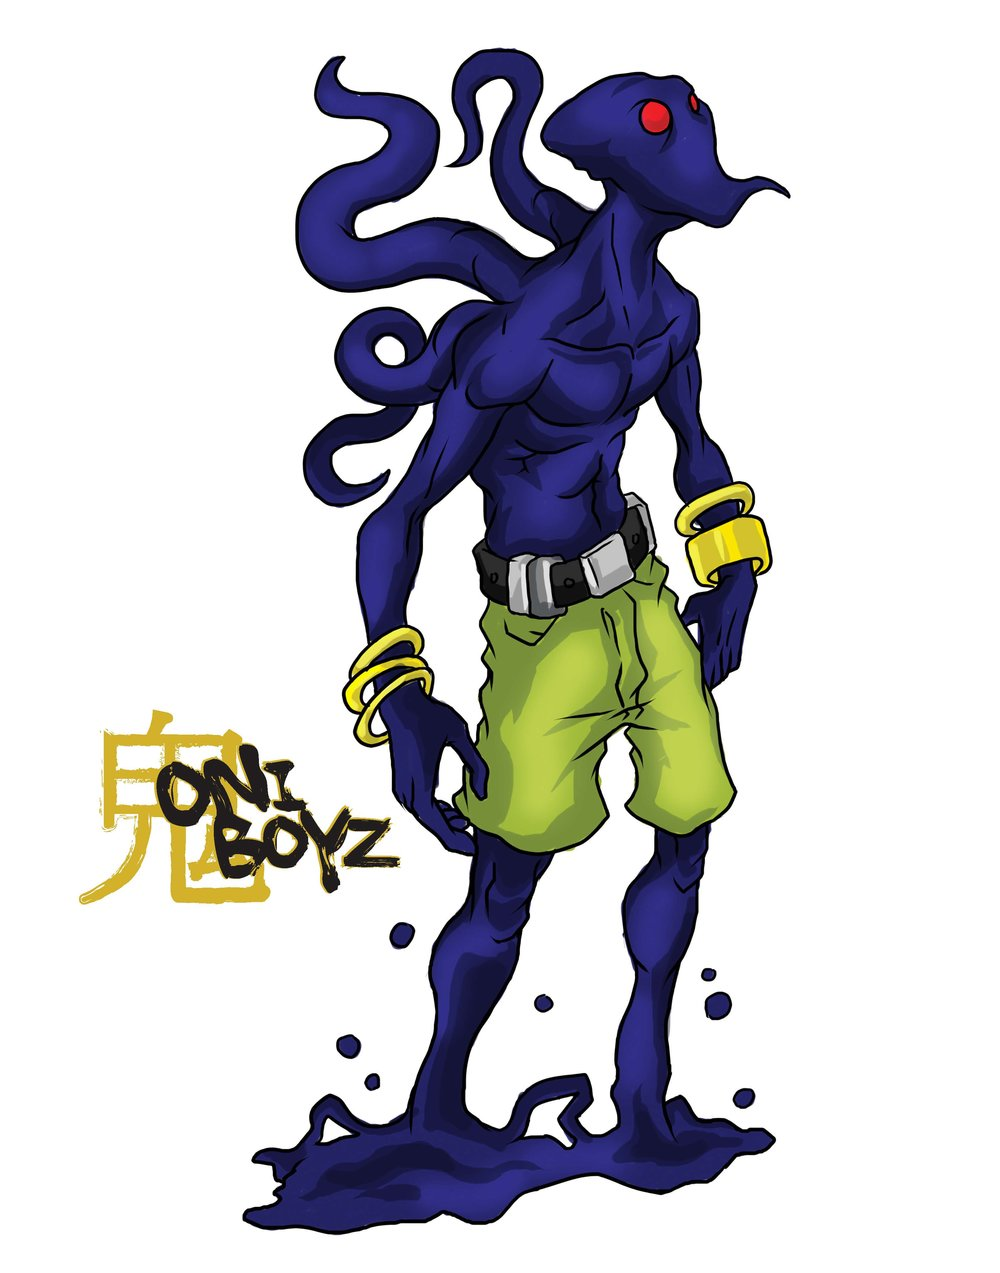 ONI_Boyz_profile_Page_1.jpg